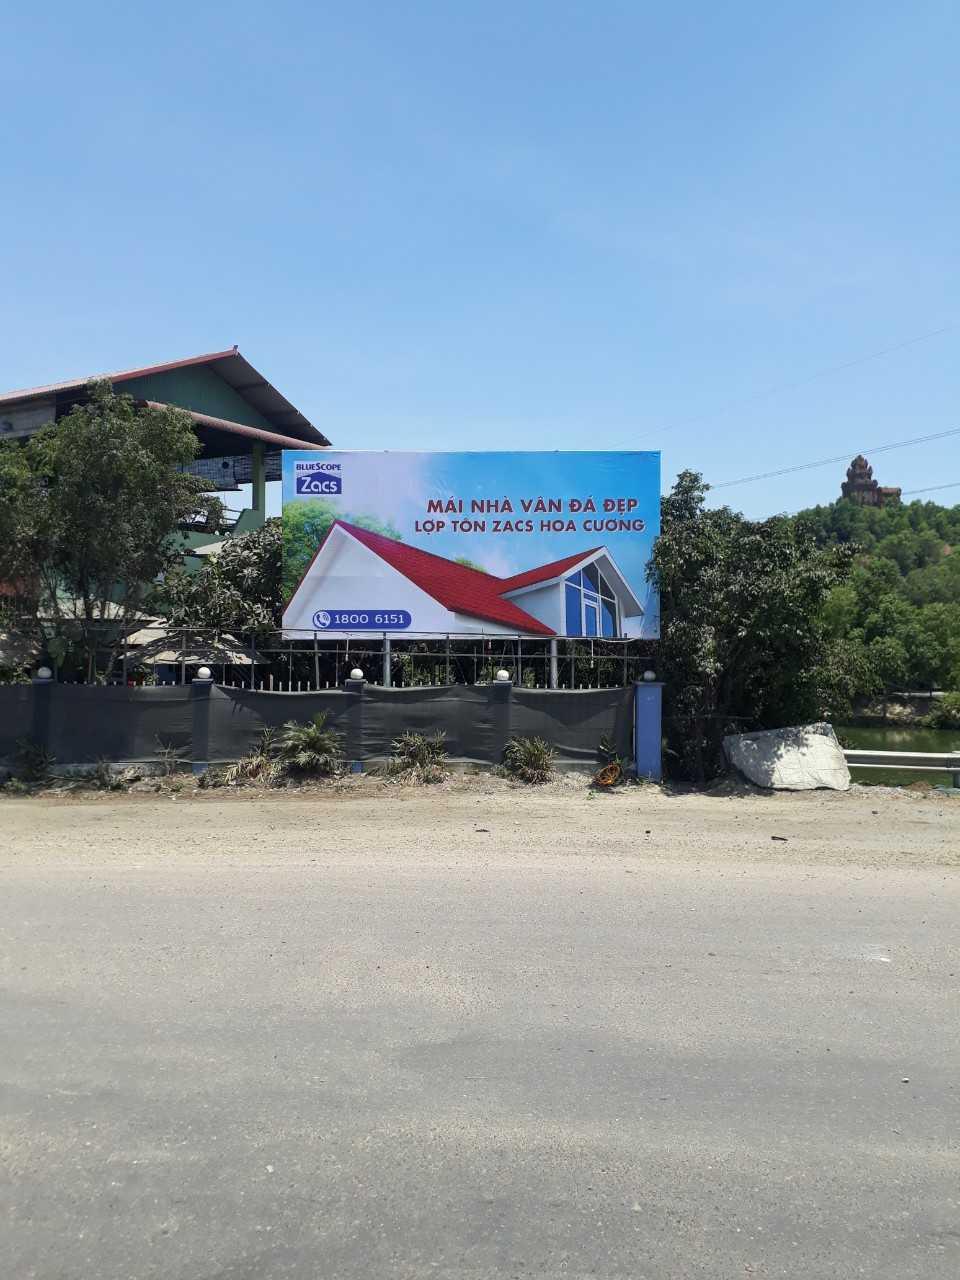 Quảng cáo Vòng xoay ngã sáu cầu Bà Di, phường Bình Định, thị xã An Nhơn, Bình Định